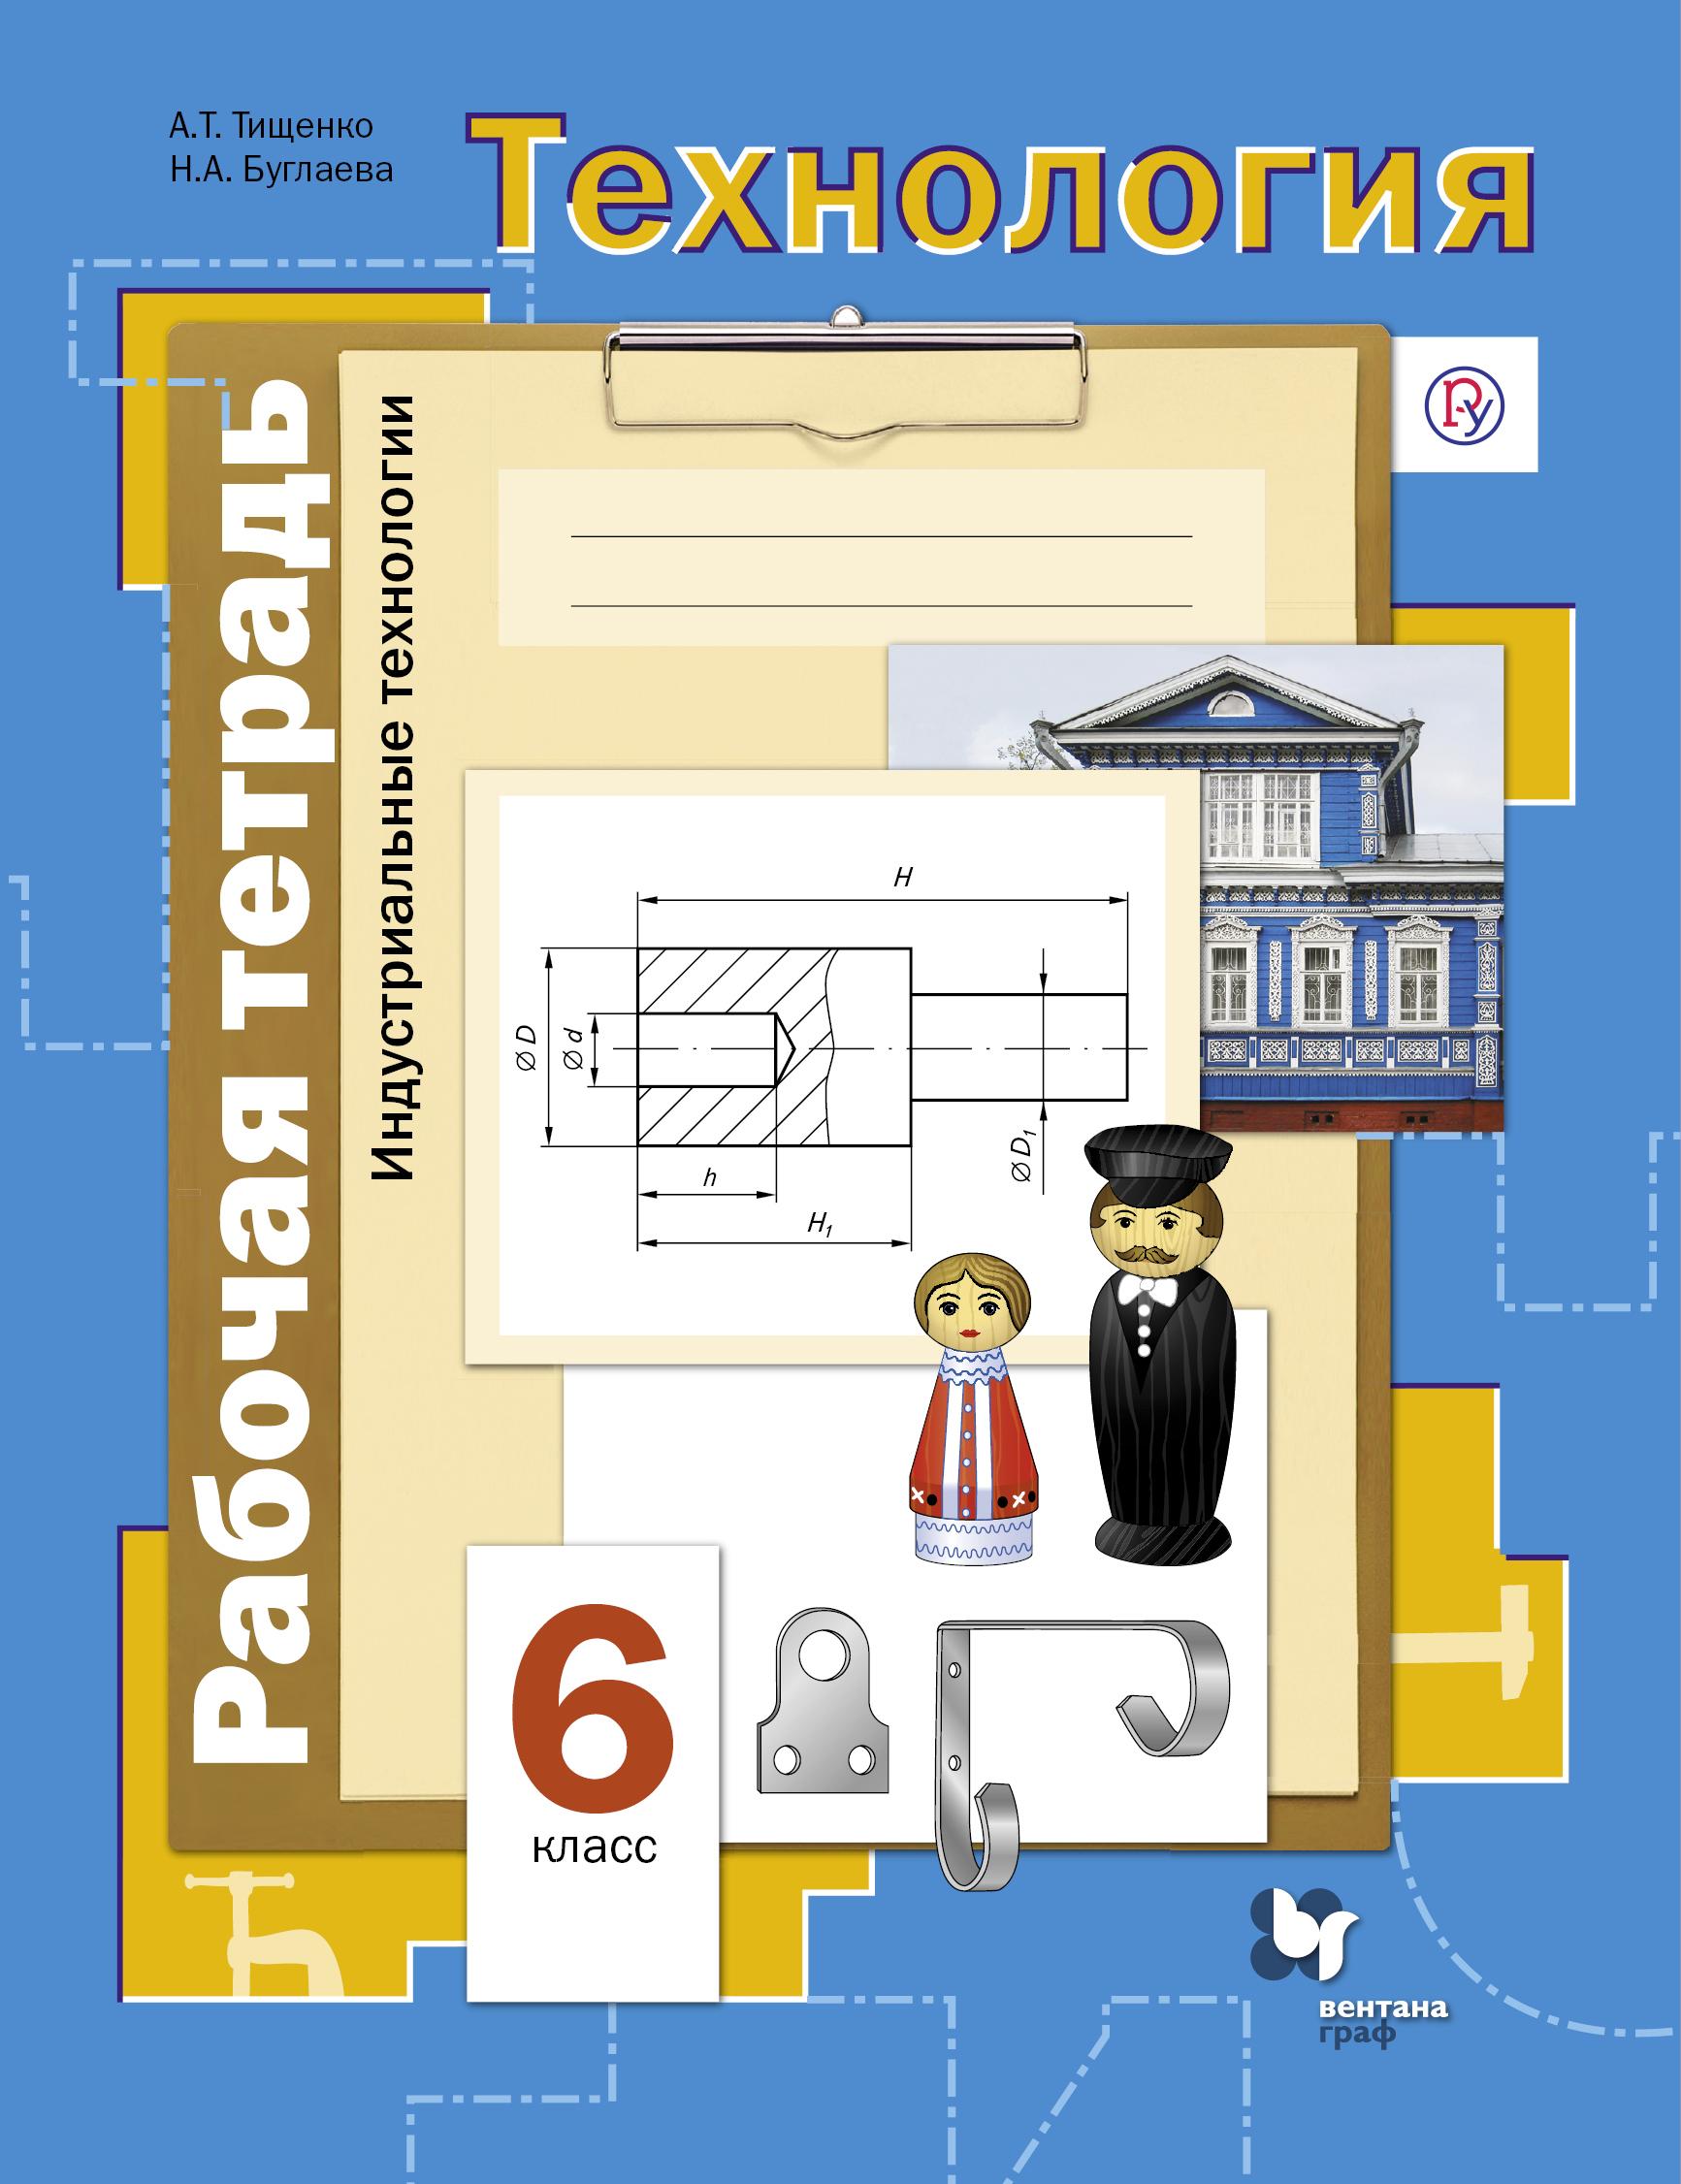 Технология. Индустриальные технологии. 6кл. Рабочая тетрадь. ( Тищенко А.Т., Буглаева Н.А.  )